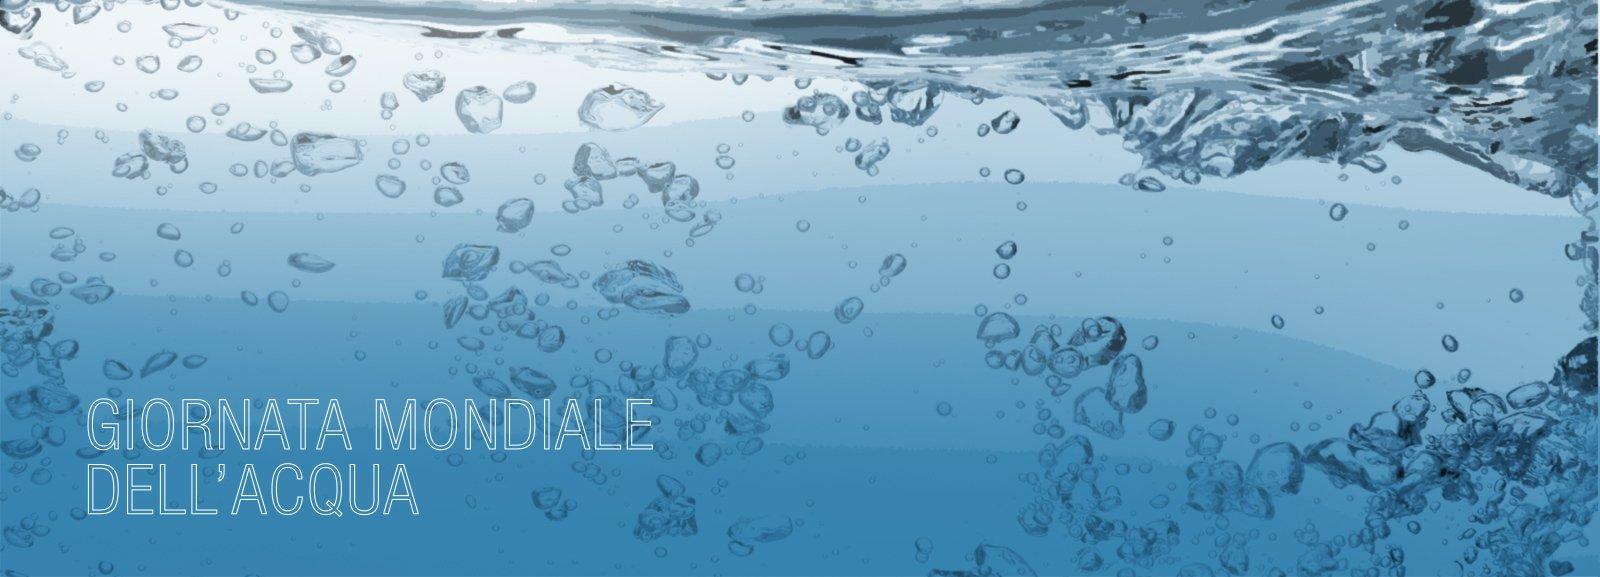 Il 22 marzo 2015 la giornata mondiale dell acqua cose di casa - Depurare l acqua di casa ...